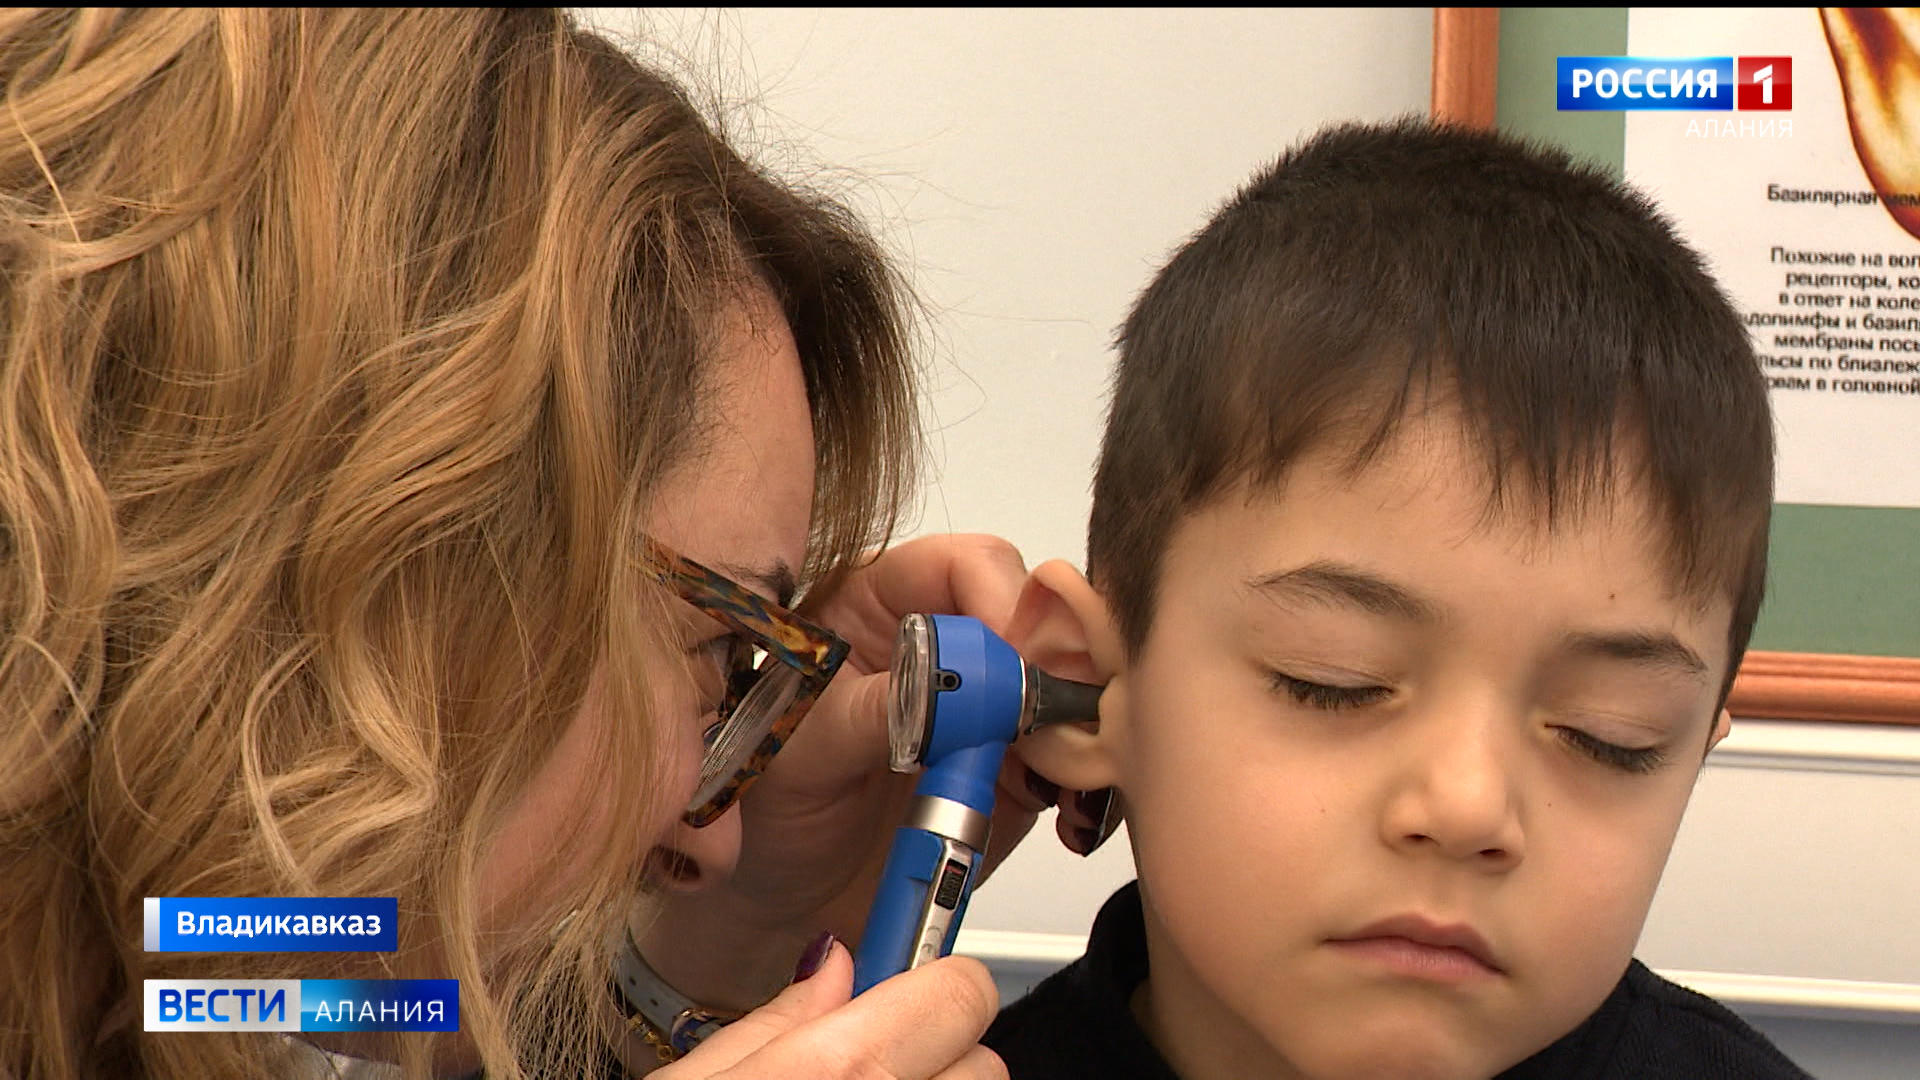 Во Владикавказе провели акцию по профилактике нарушений слуха